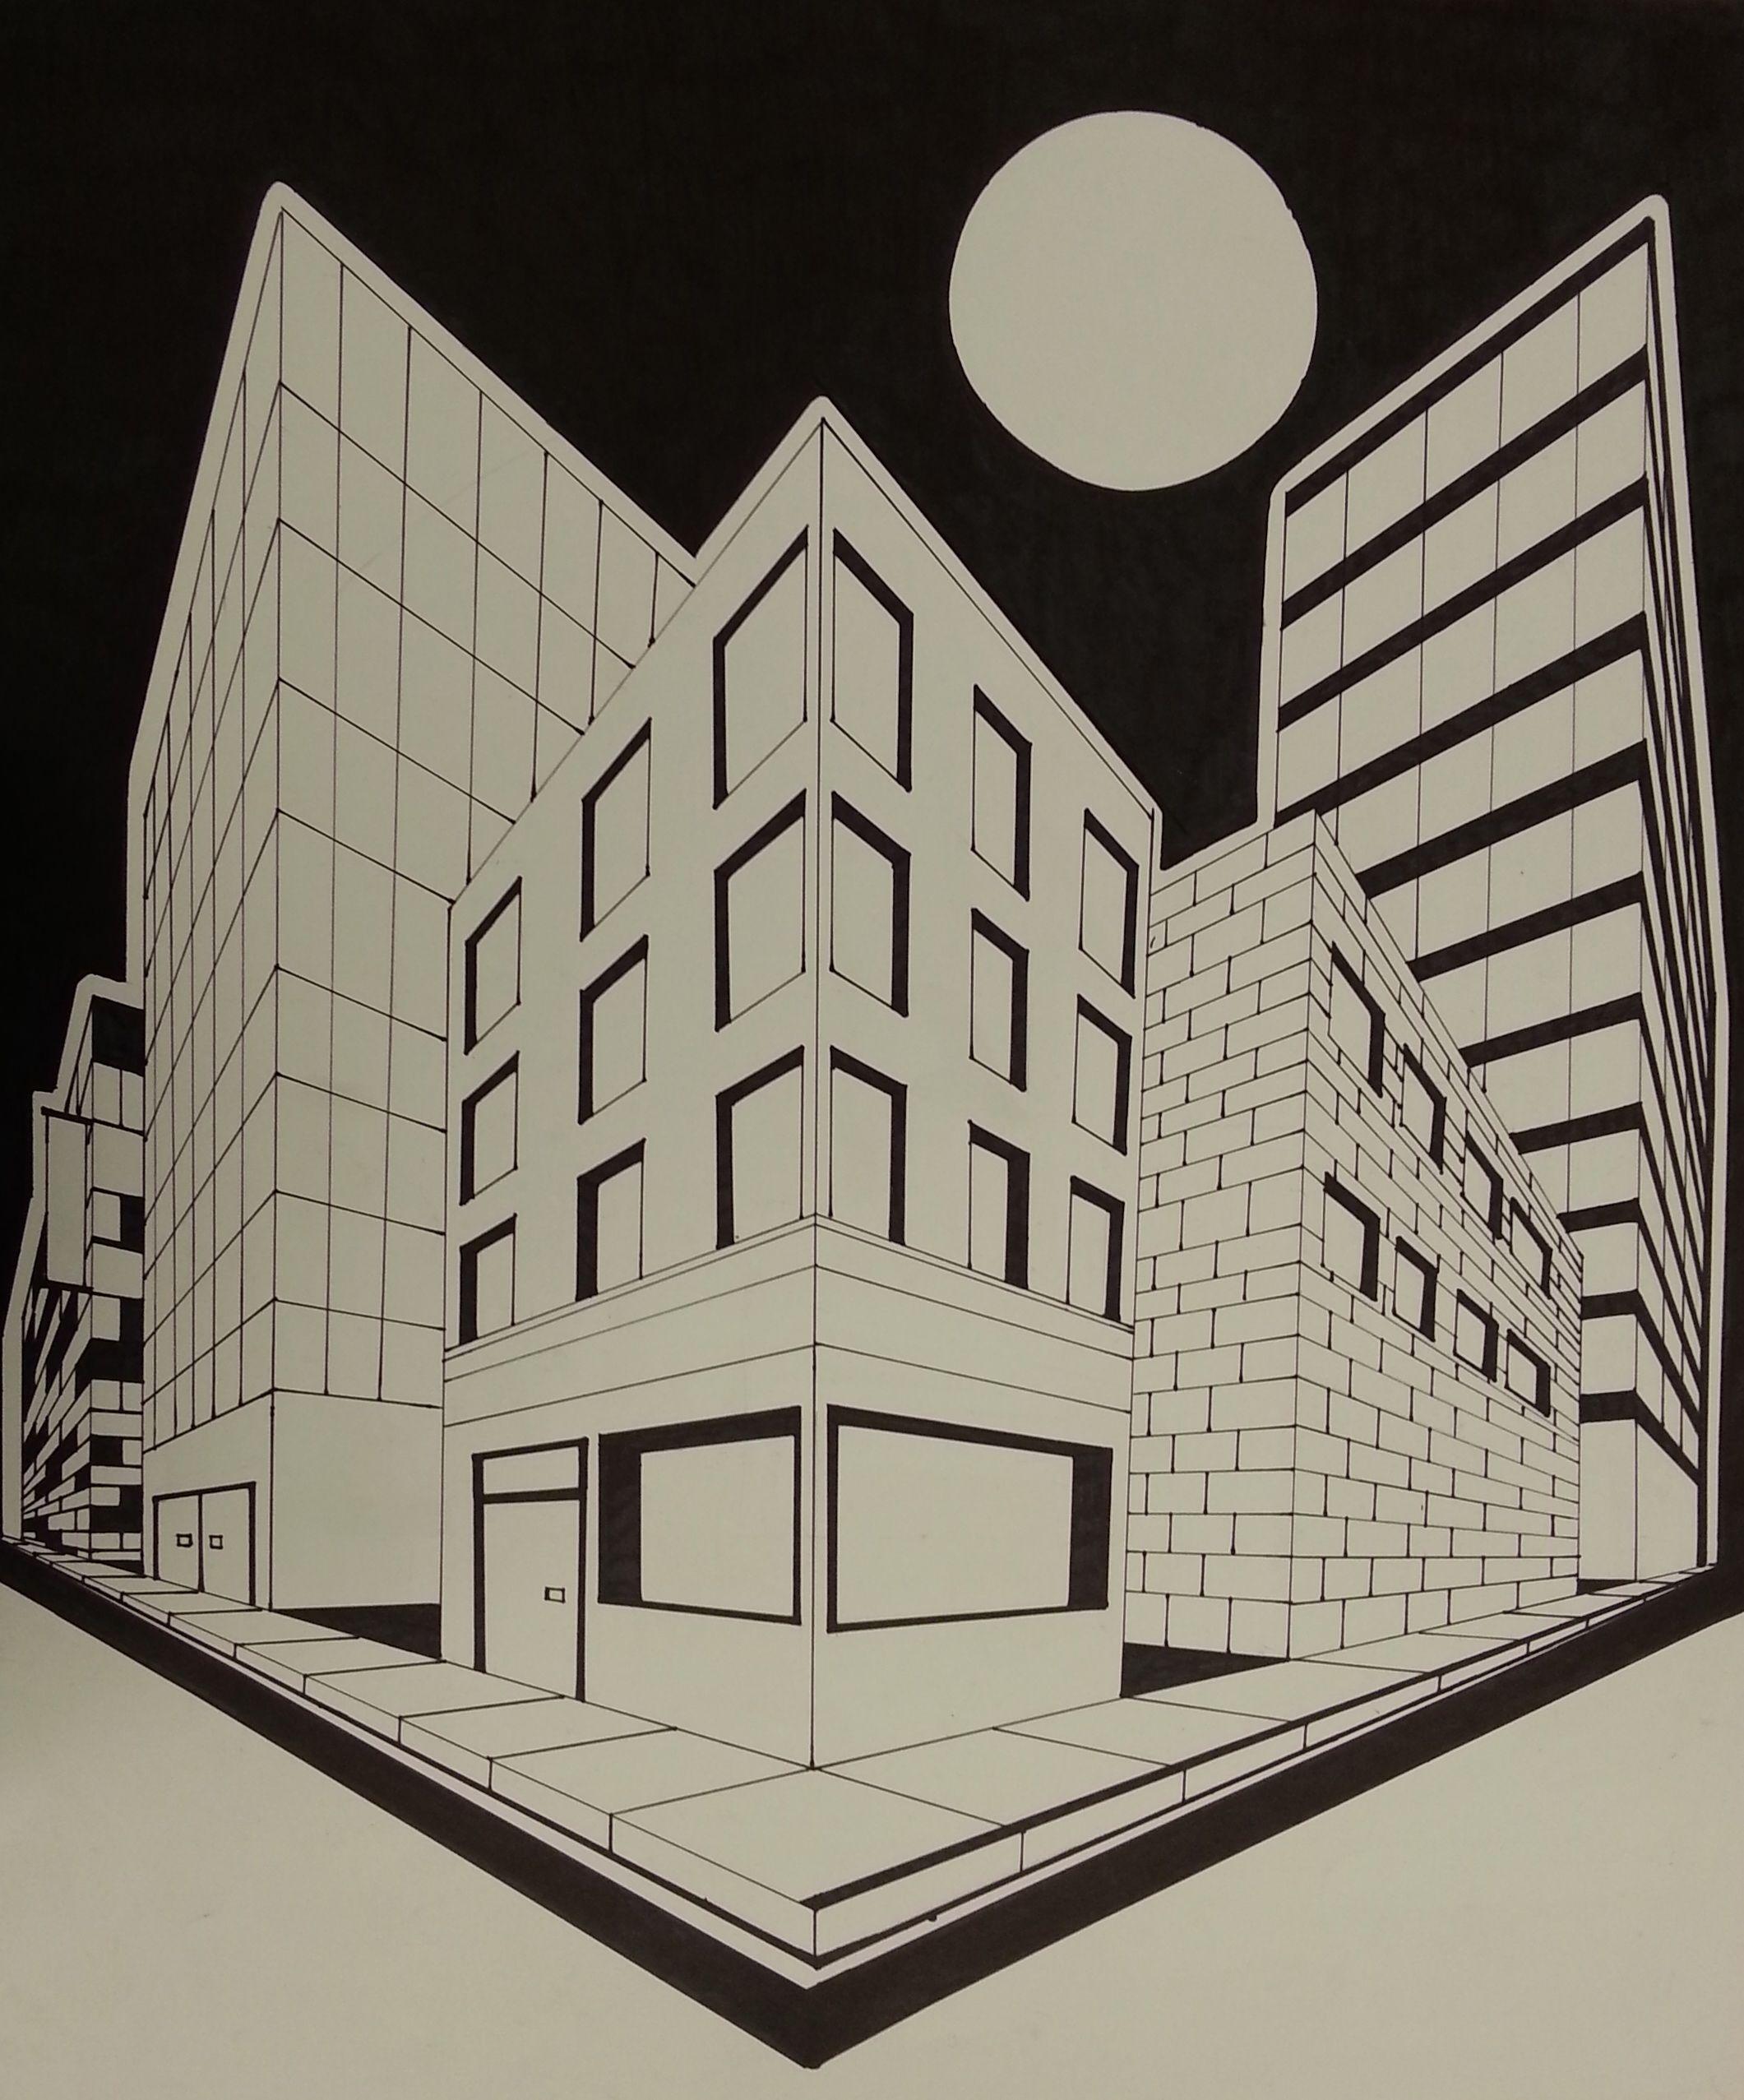 создания картинки города будущего из геометрических фигур ярославский это